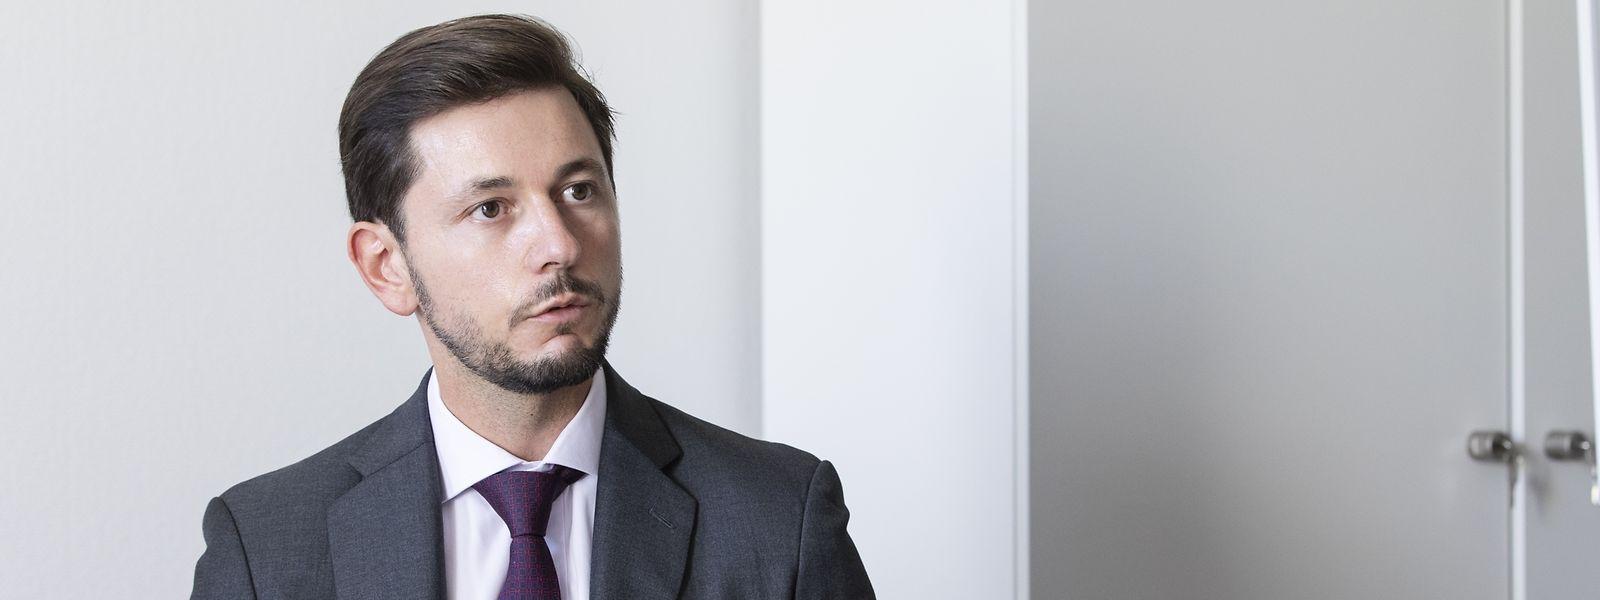 Âgé de 38 ans, Gabriel Seixas a été désigné procureur européen pour un mandat de six ans.